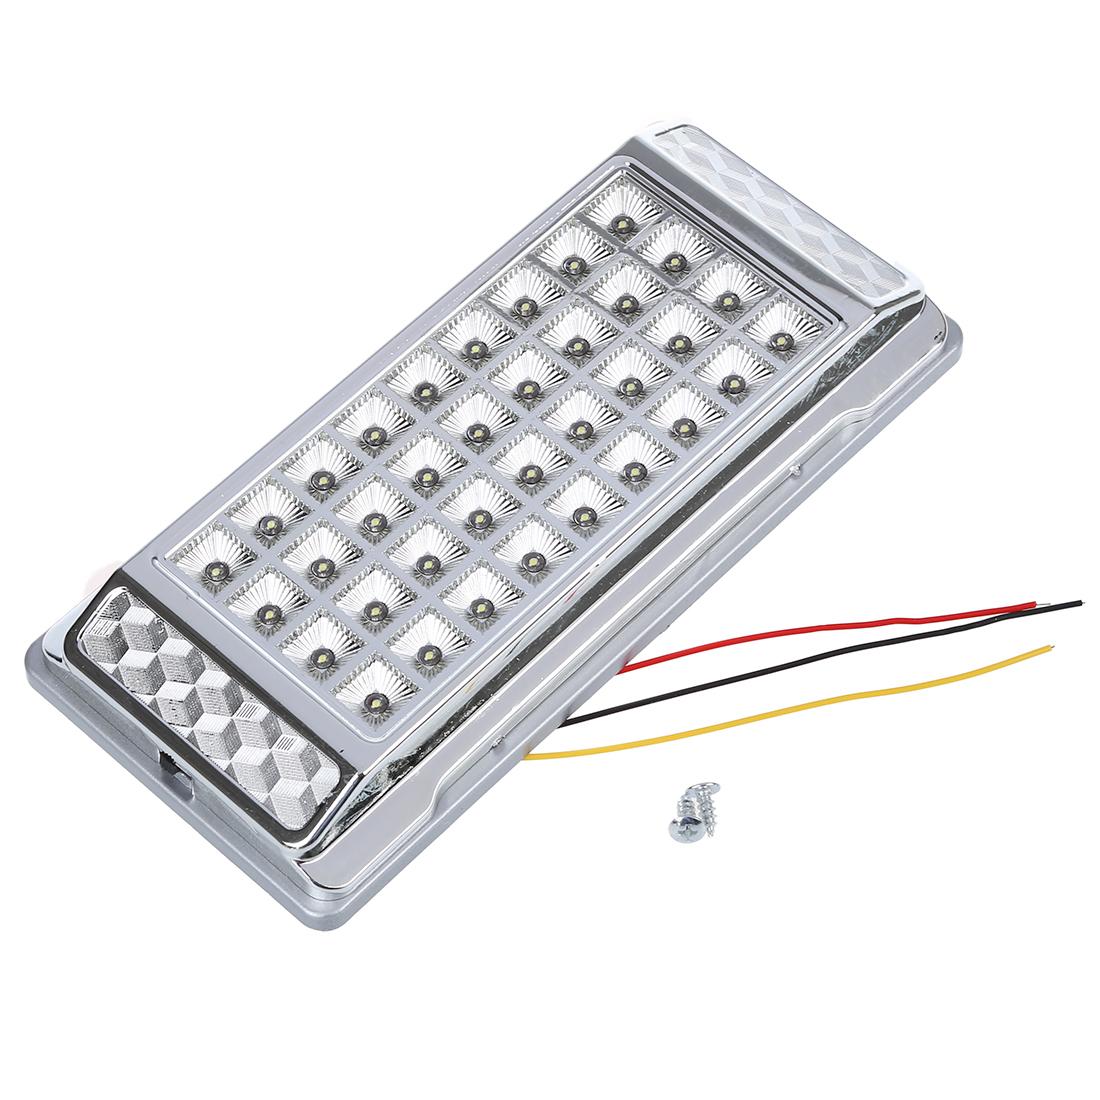 36 LEDs Auto-Dach-Decken-Innen Draht-Lampen-Weiss 12V DC R8F8 | eBay